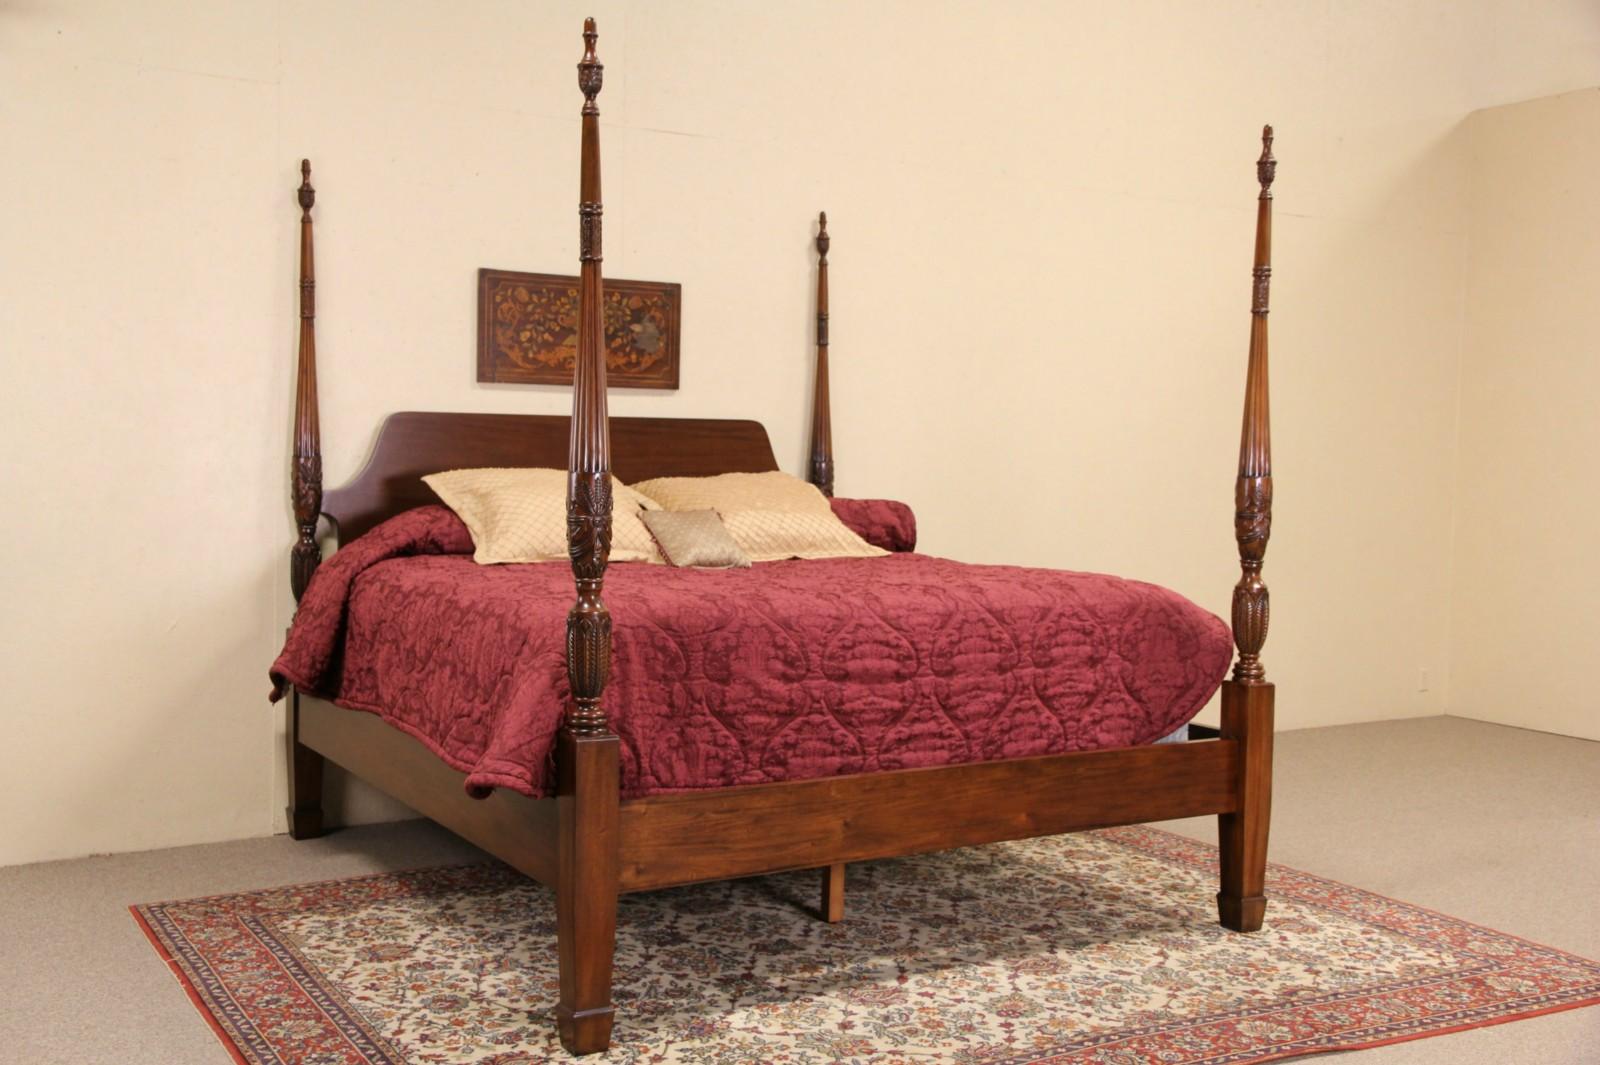 Charleston Rice Motif Carved Mahogany King Size Plantation Poster Bed